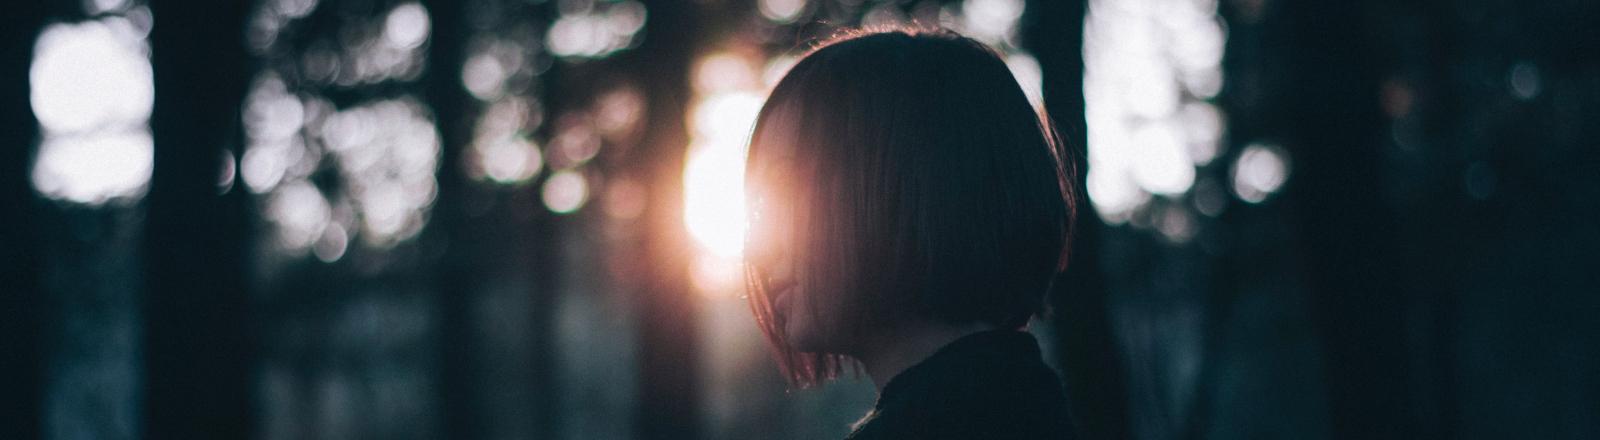 Eine Frau steht bei Sonnenruntergang in einem Wald.